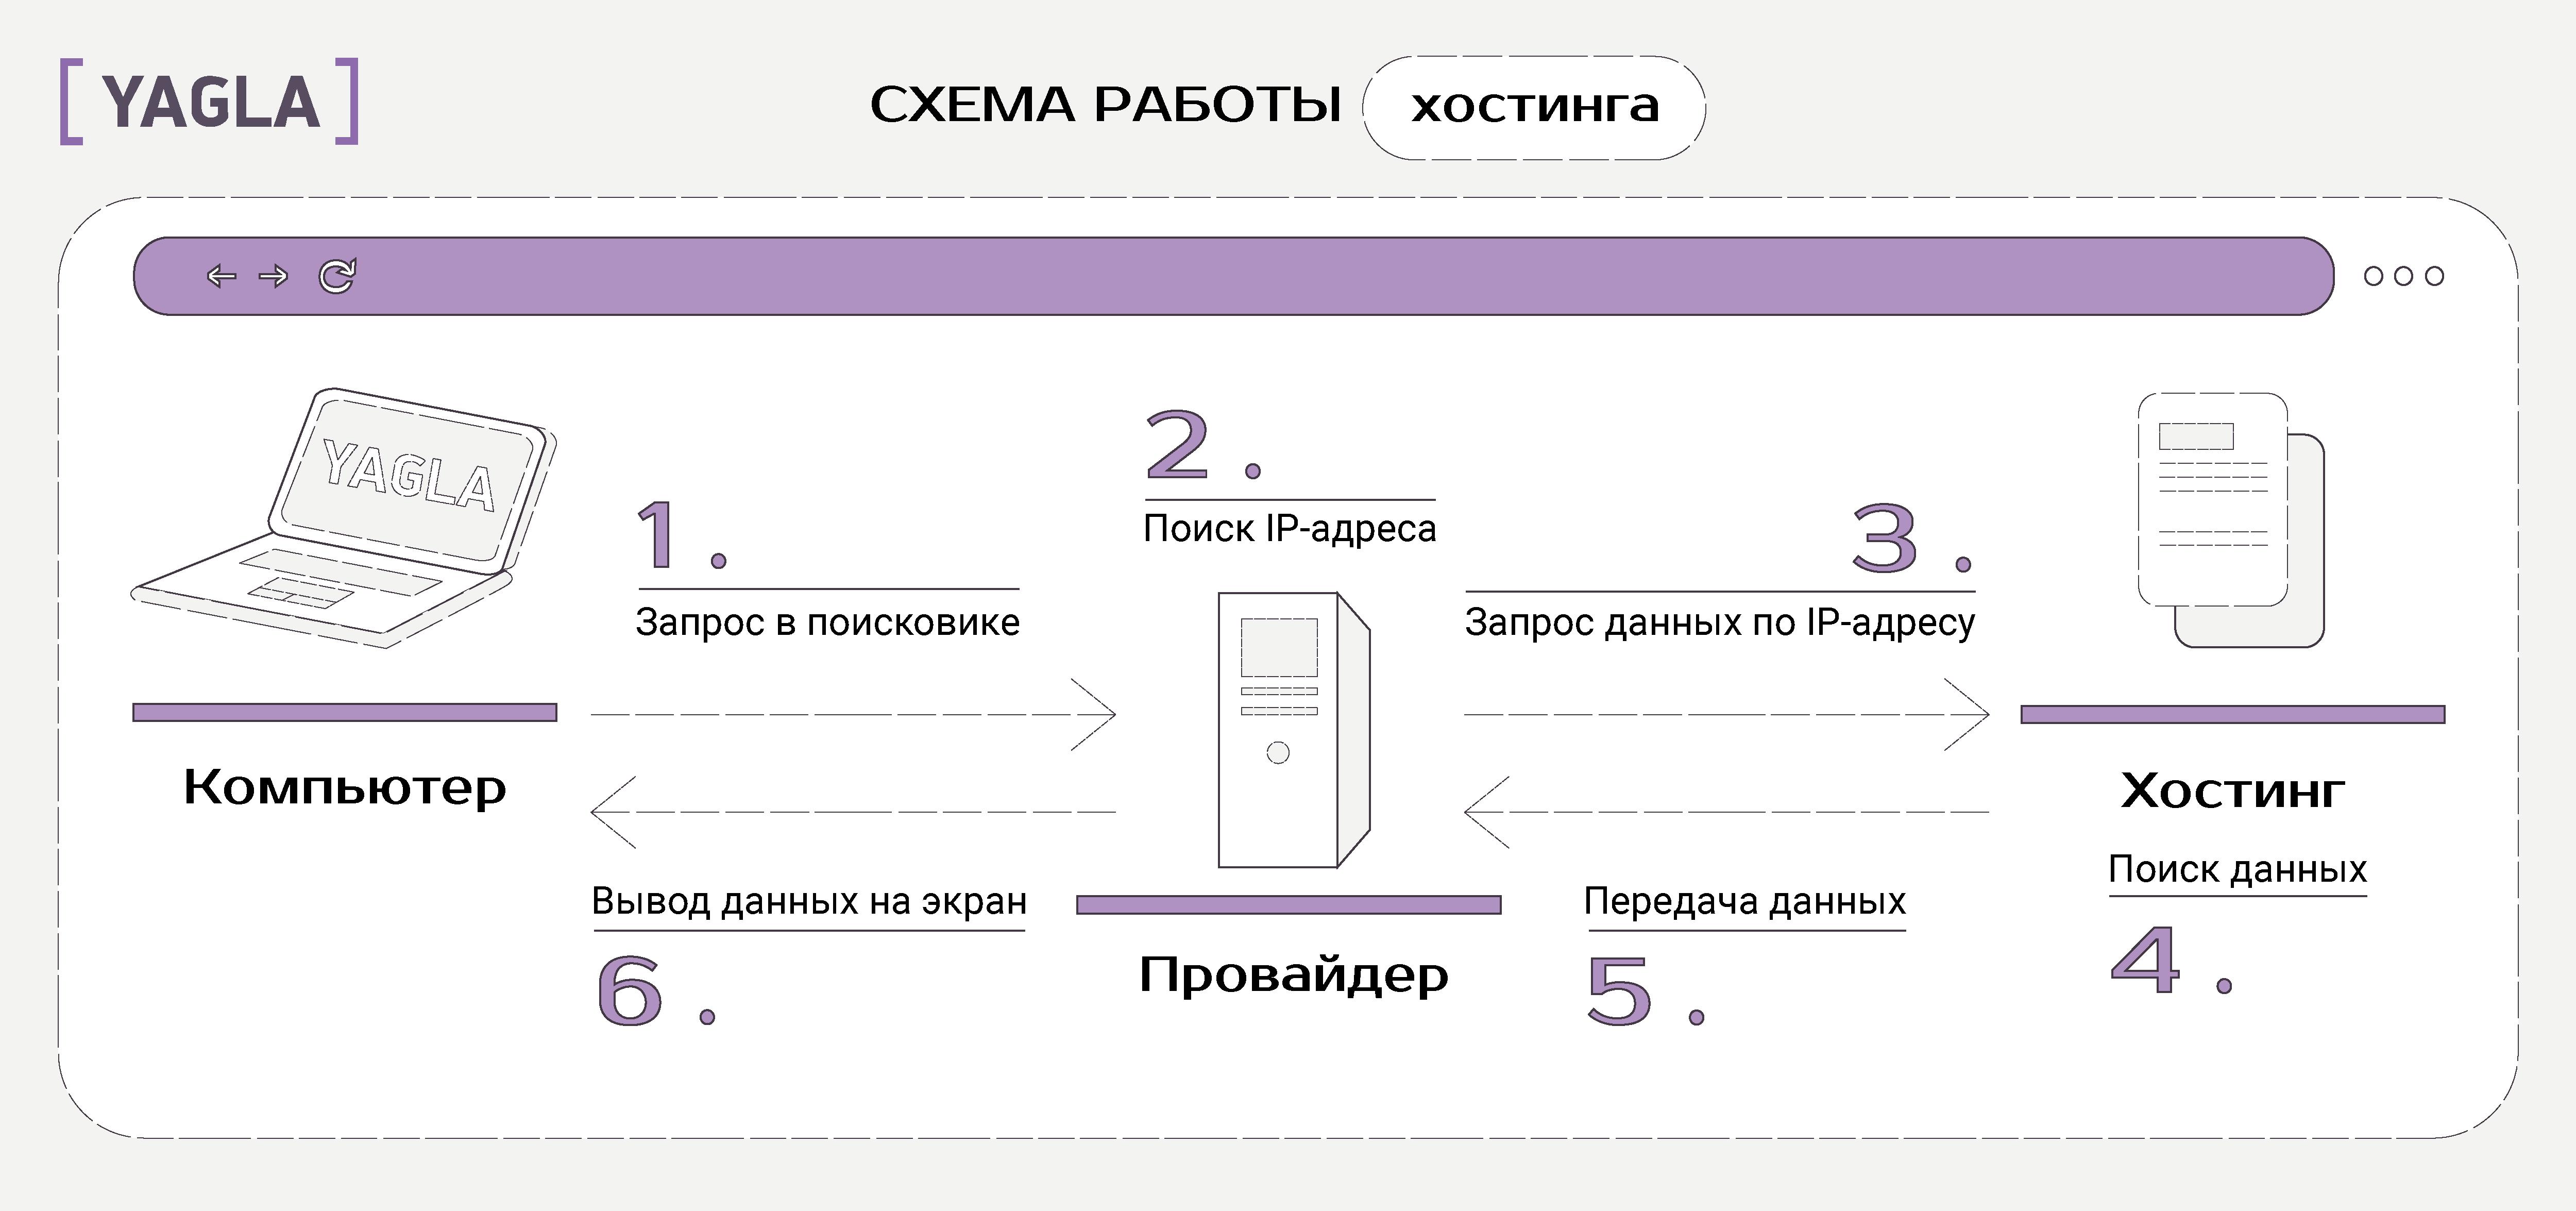 Схема работы хостинга